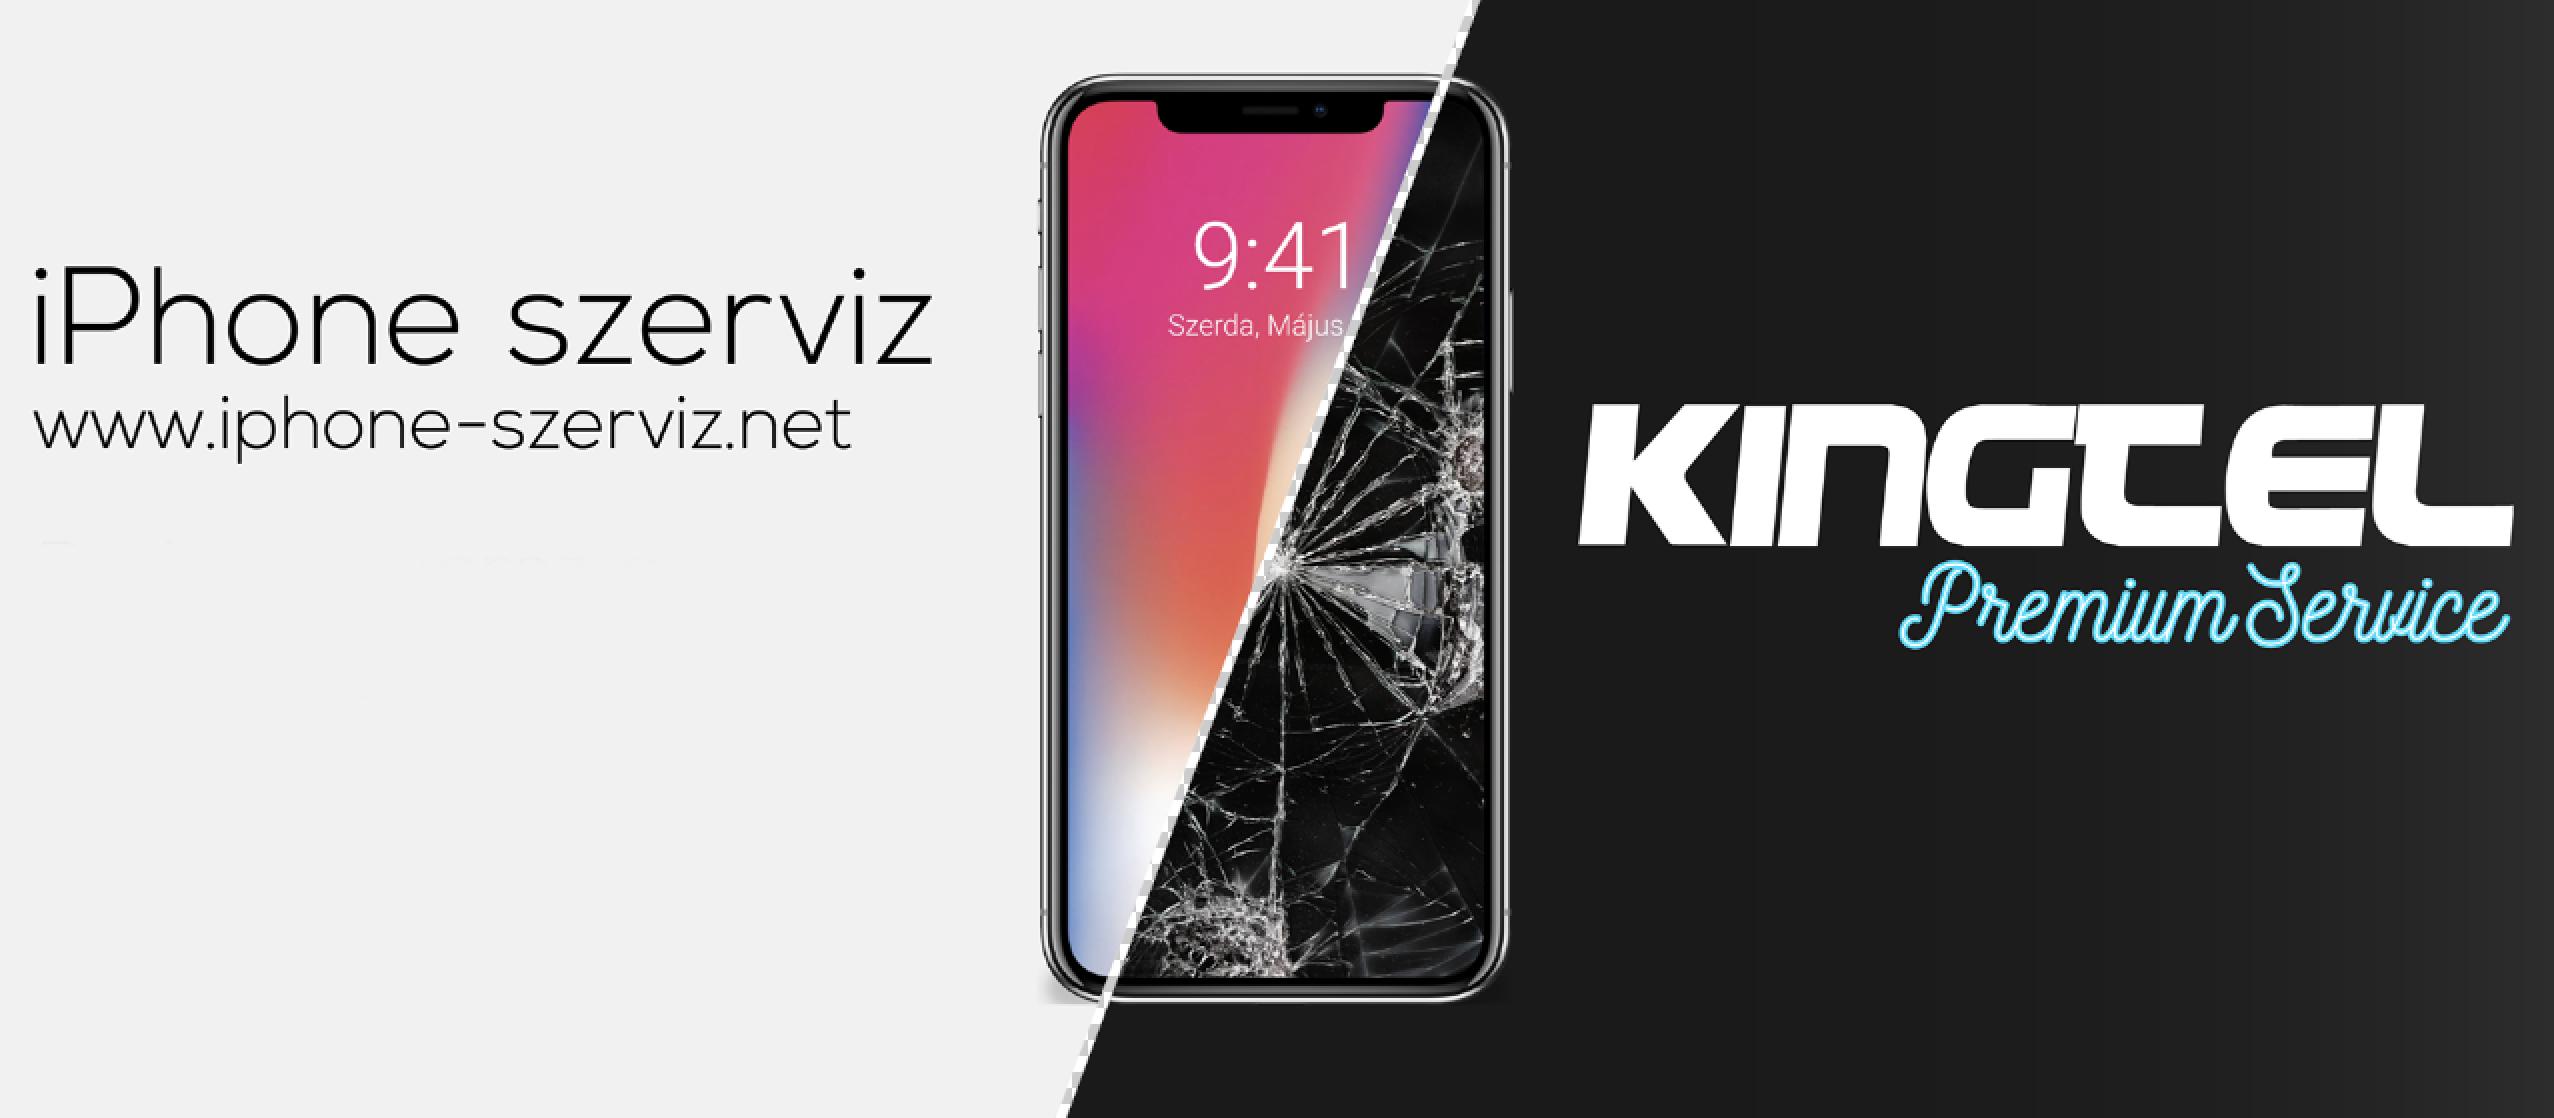 Prémium iPhone szervíz nyílt Budapest szívében, az Oktogonnál: Kingtel!